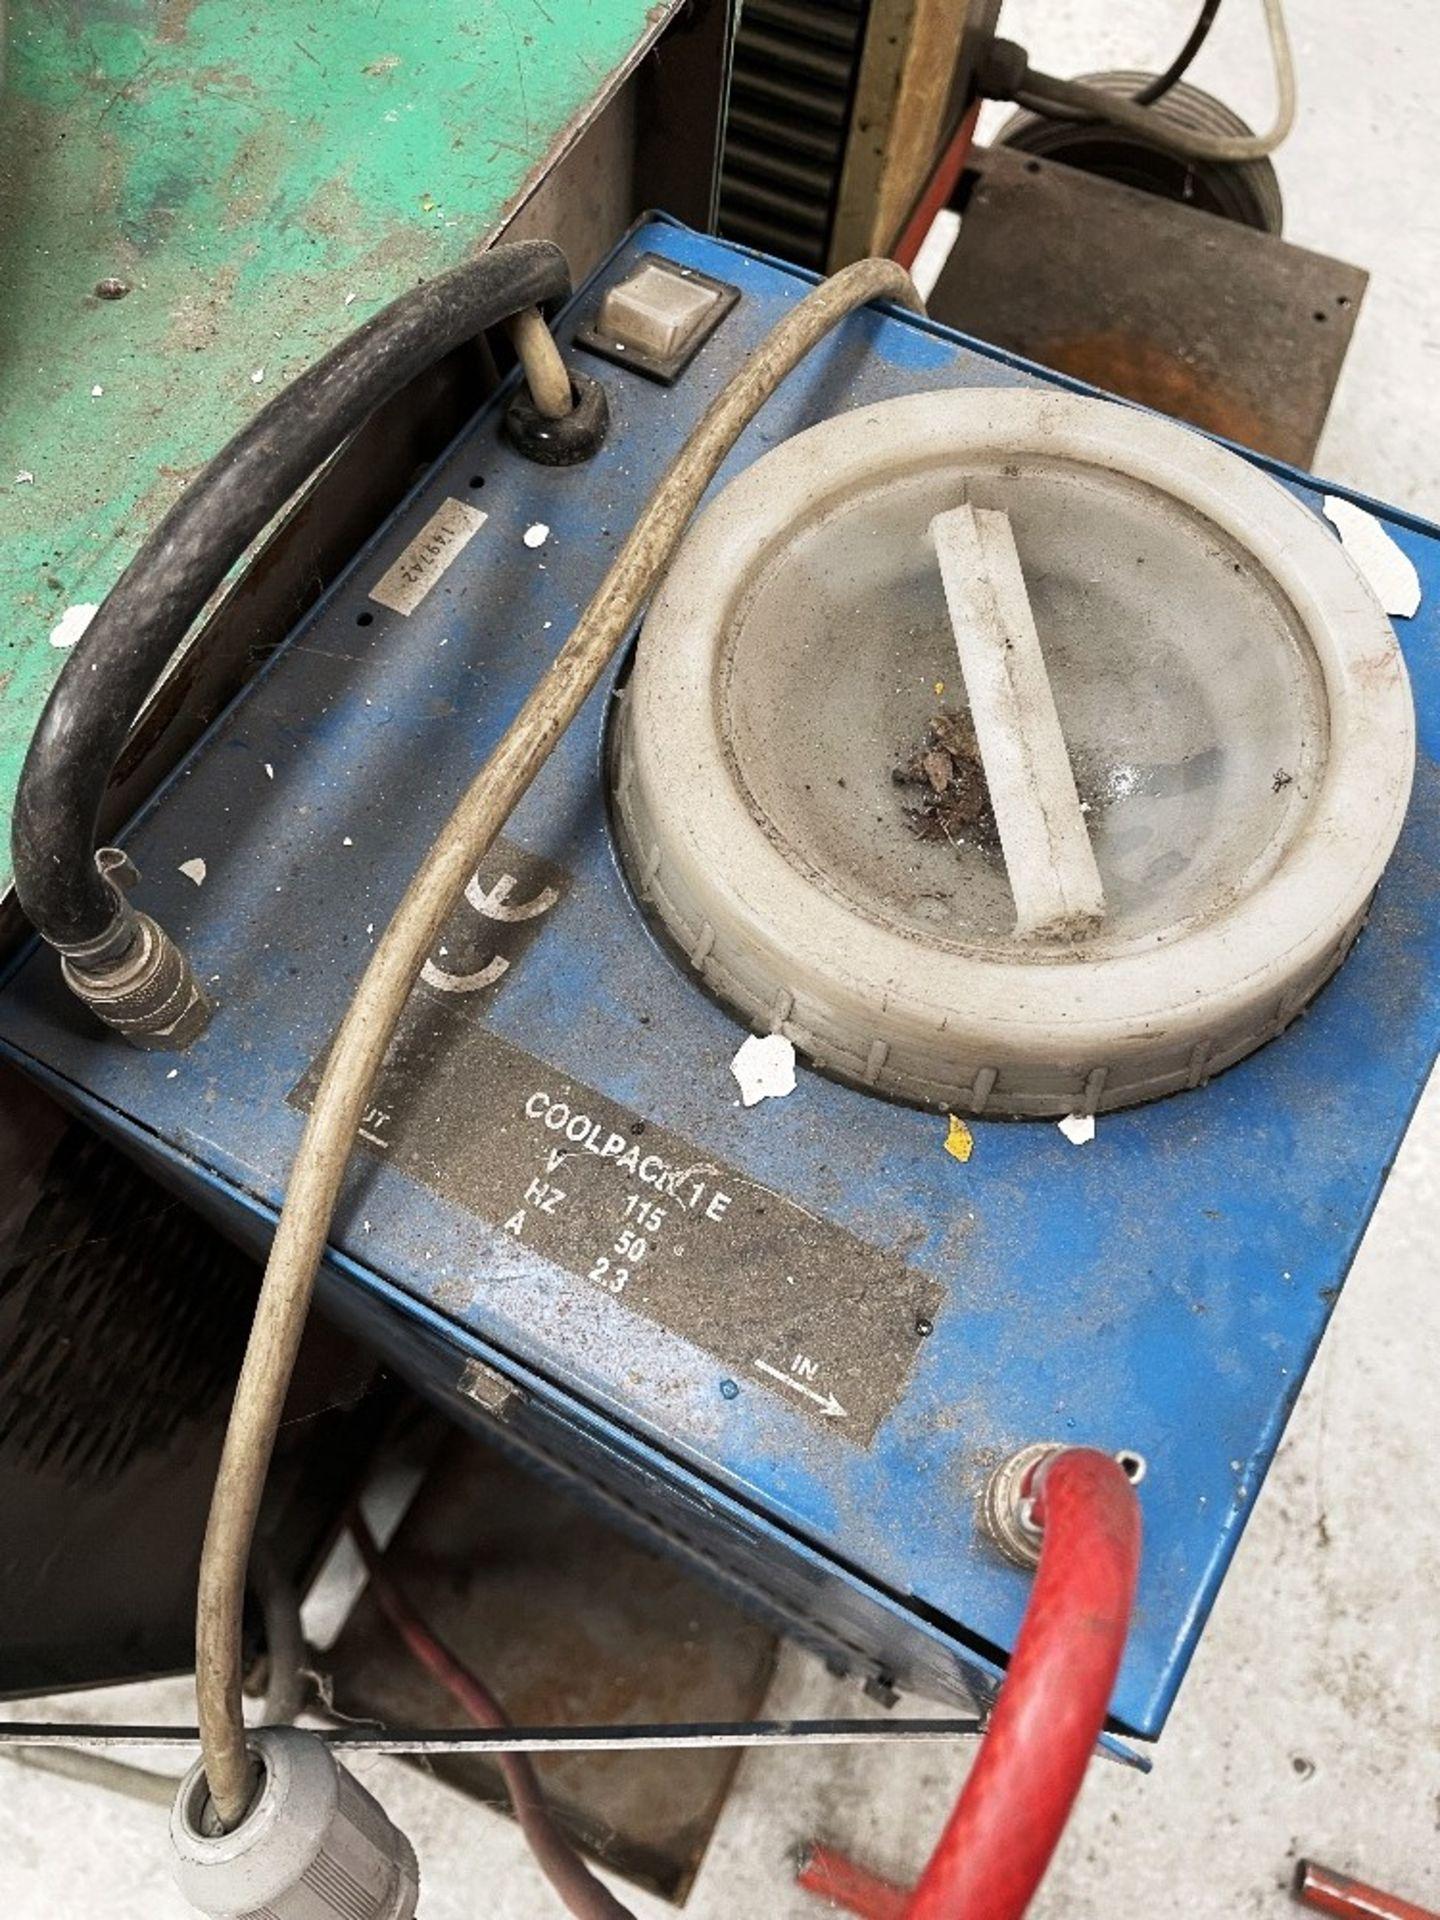 L-Tec Heliarc 250 Tig/Stick Welder w/ Miller Power Source & Water Cooler - Image 5 of 5